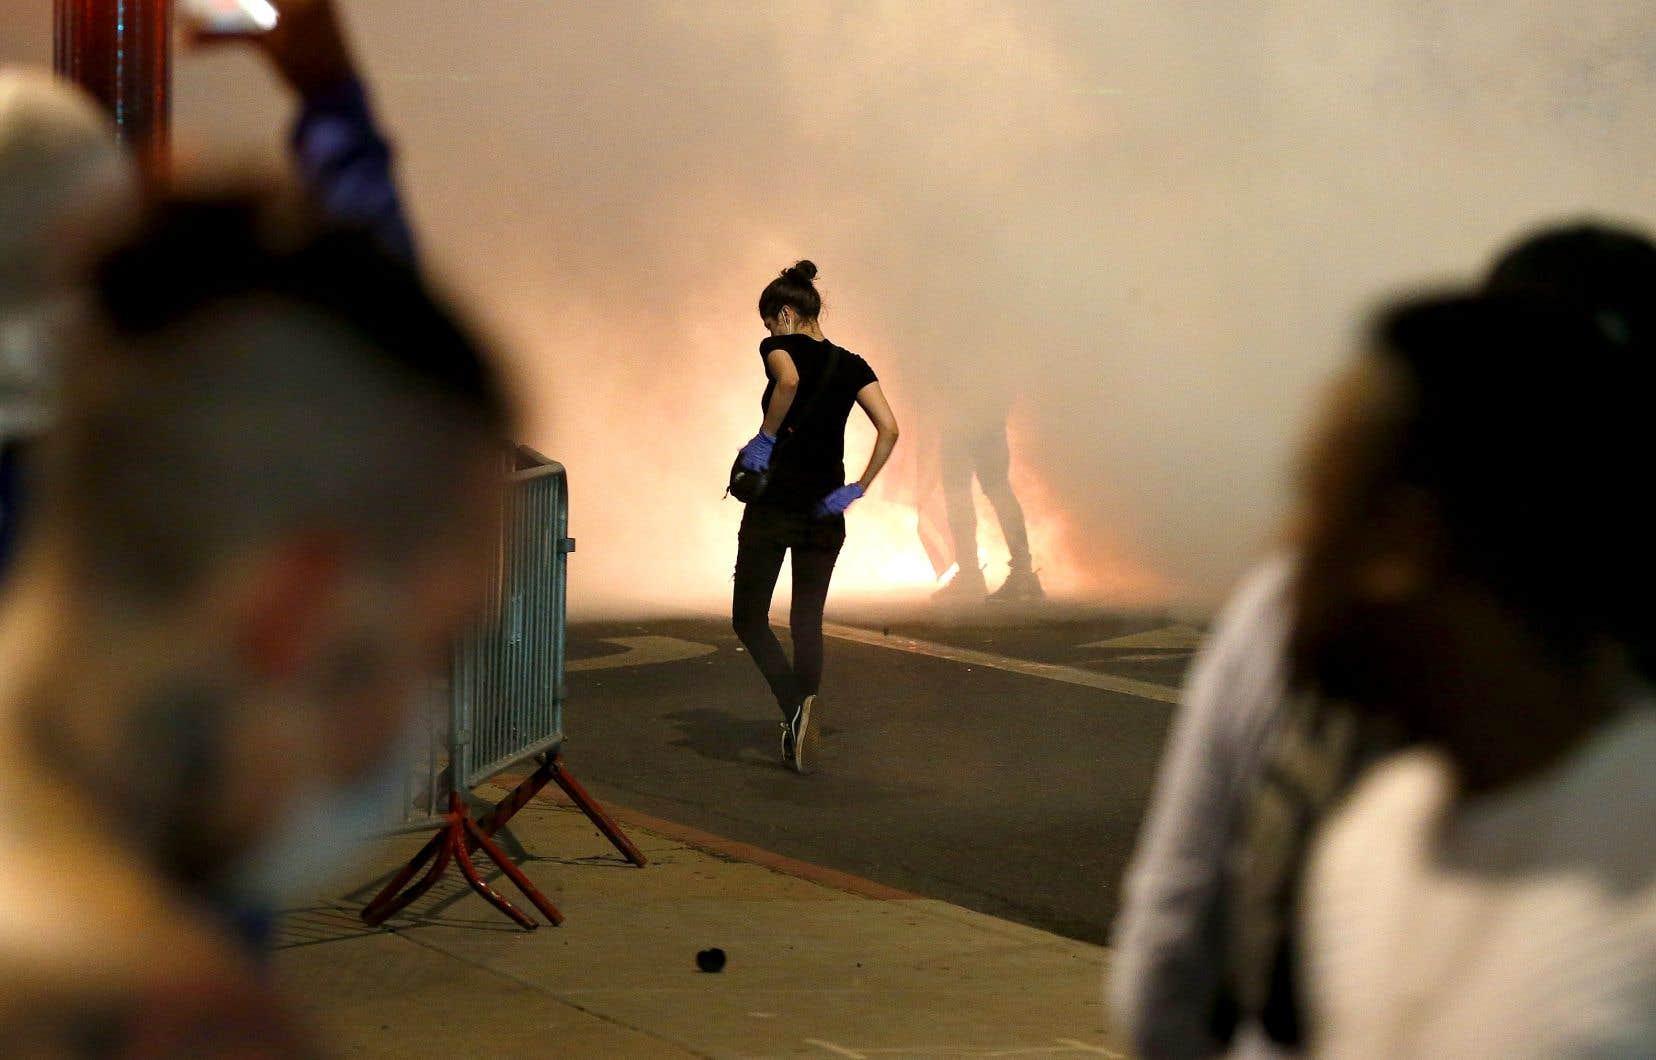 La police a utilisé du gaz lacrymogène contre les manifestants à Phoenix samedi soir. Des milliers de soldats de la Garde nationale ont été déployés dans 15 États et à Washington, tandis que des couvre-feux ont été décrétés dans plusieurs villes, comme Houston et Los Angeles.